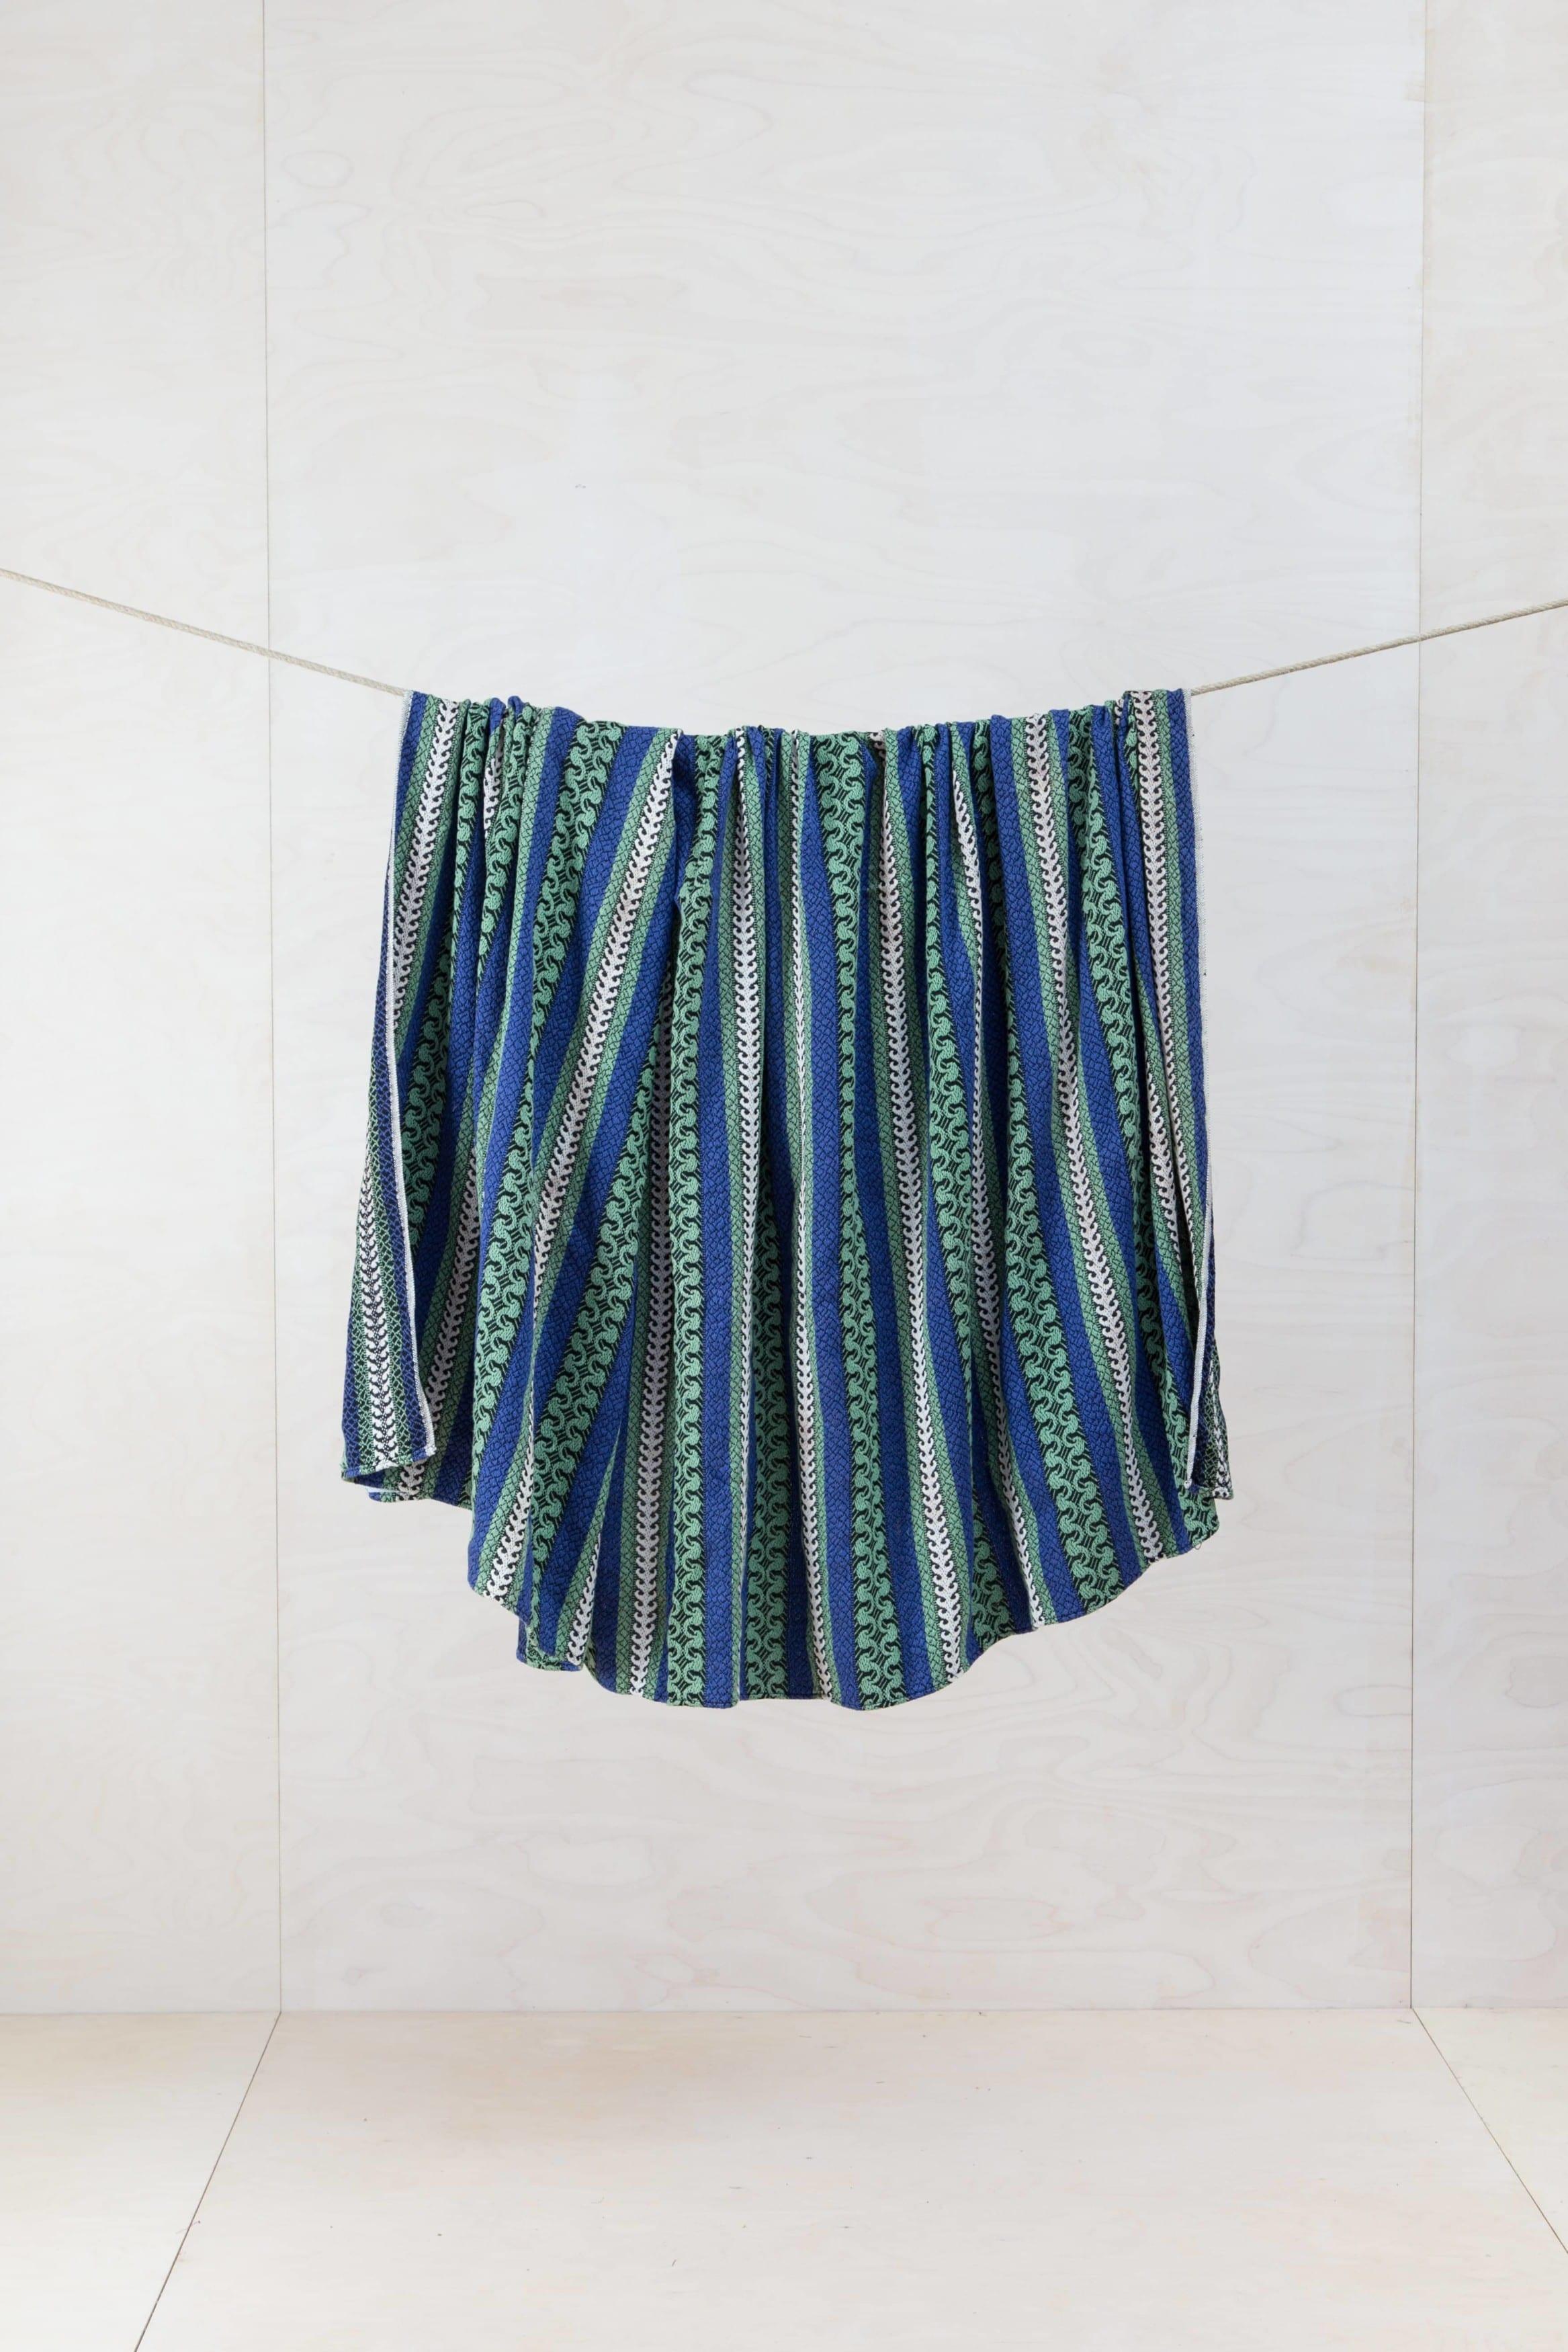 Schön gemusterte Decke zum Drapieren und Dekorieren